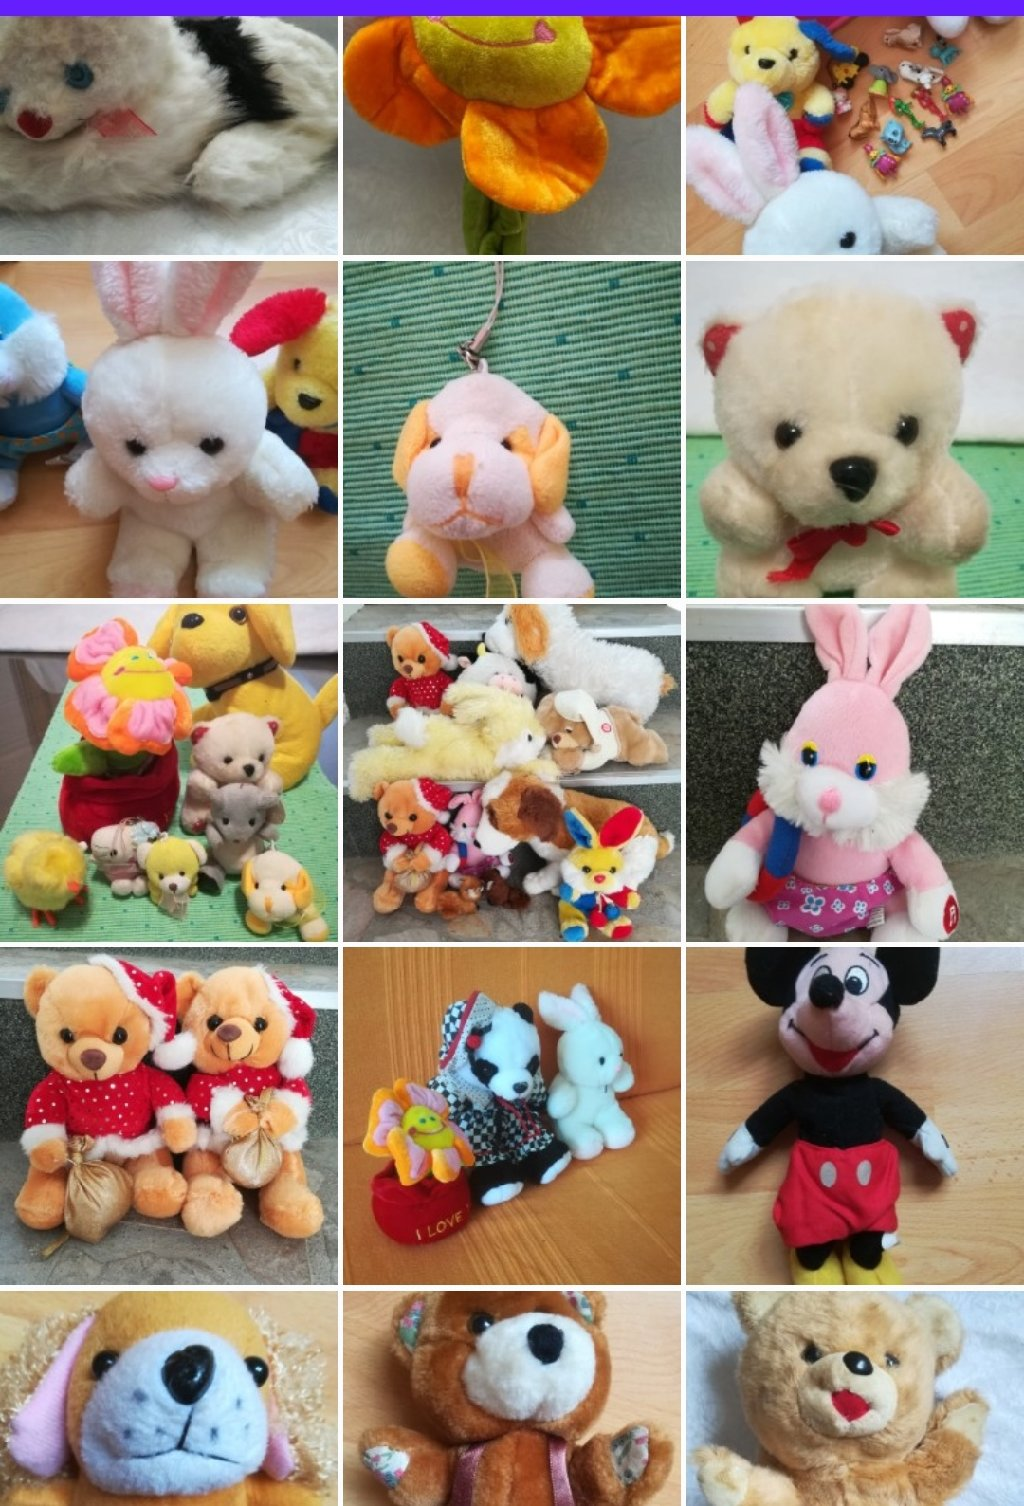 VELIKI PAKET plišanih igračaka preko 50 kom,  vrlo kvalitetnih i očuvanih